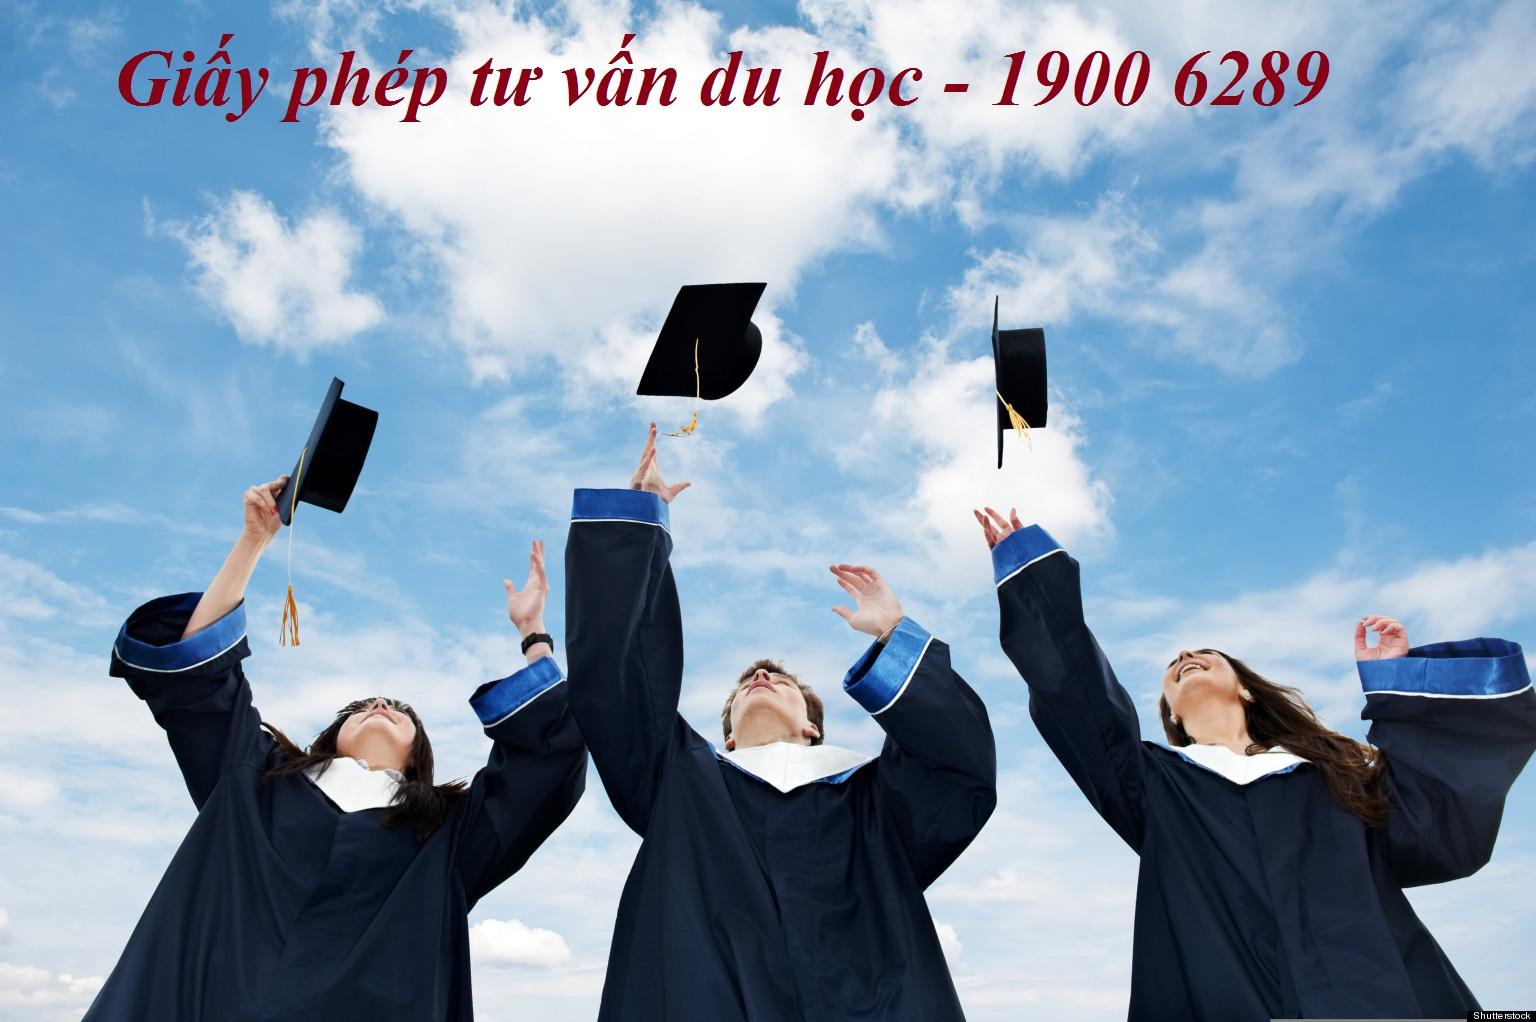 Cấp giấy phép tư vấn du học tại Hồ Chí Minh